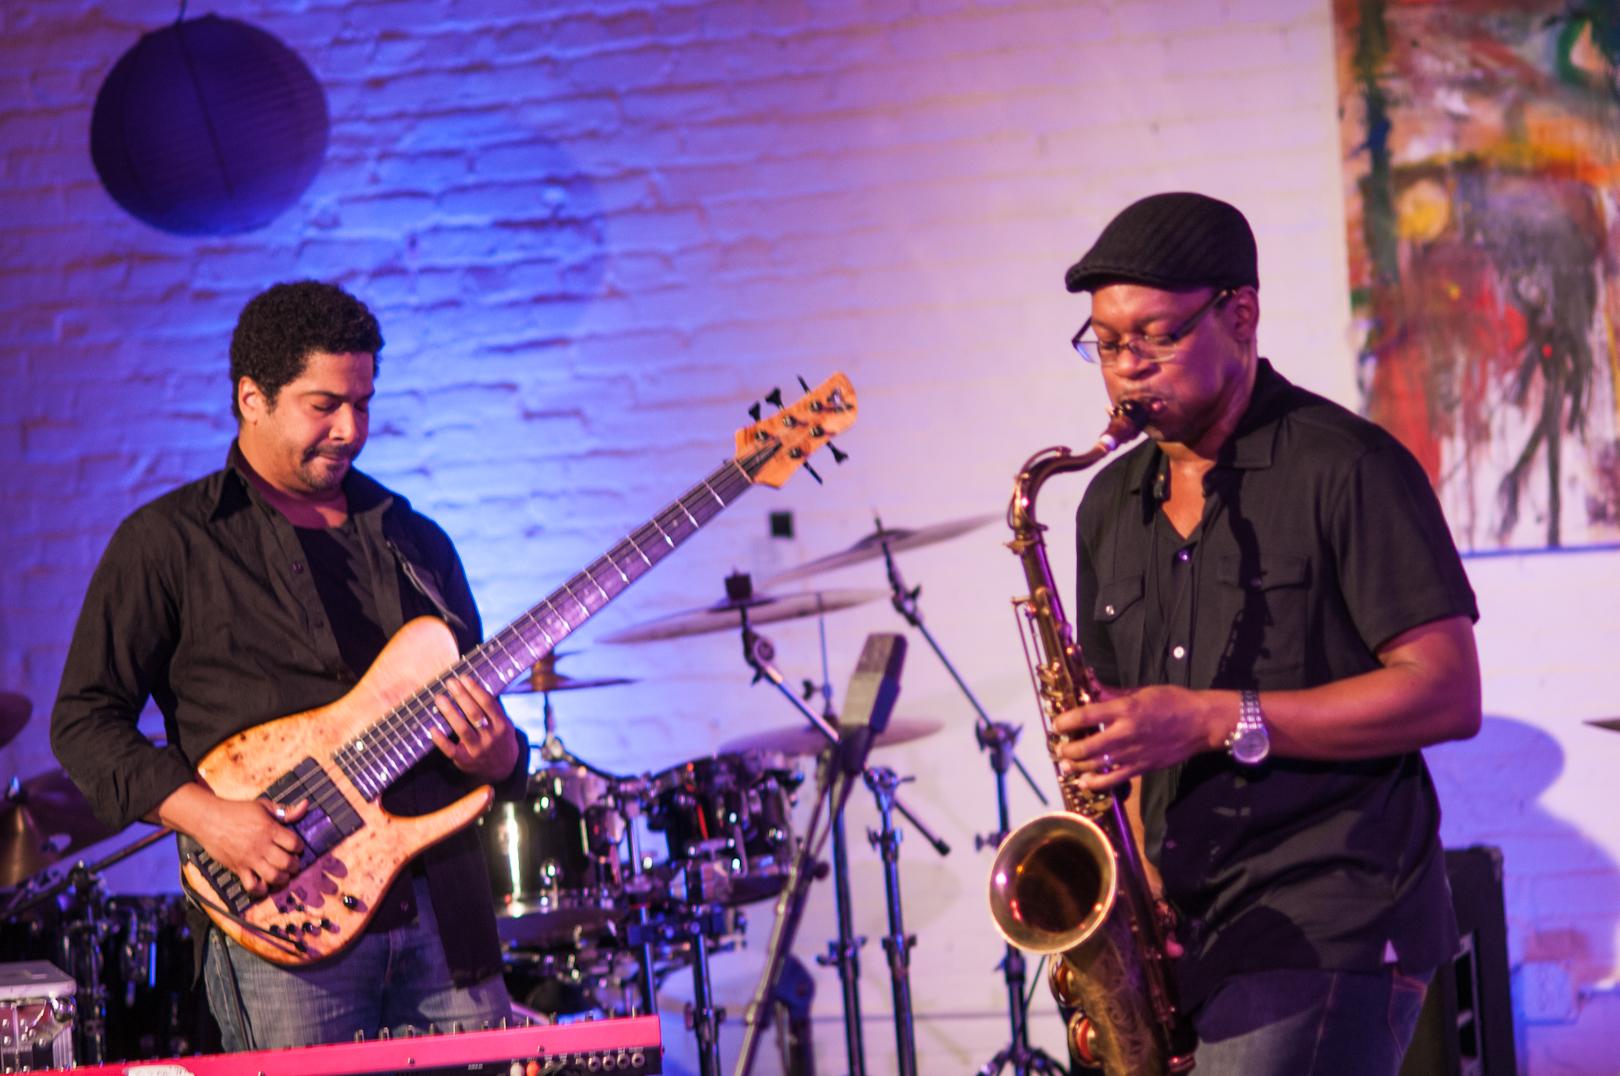 Matt Garrison and Ravi Coltrane at Shapeshifter Lab